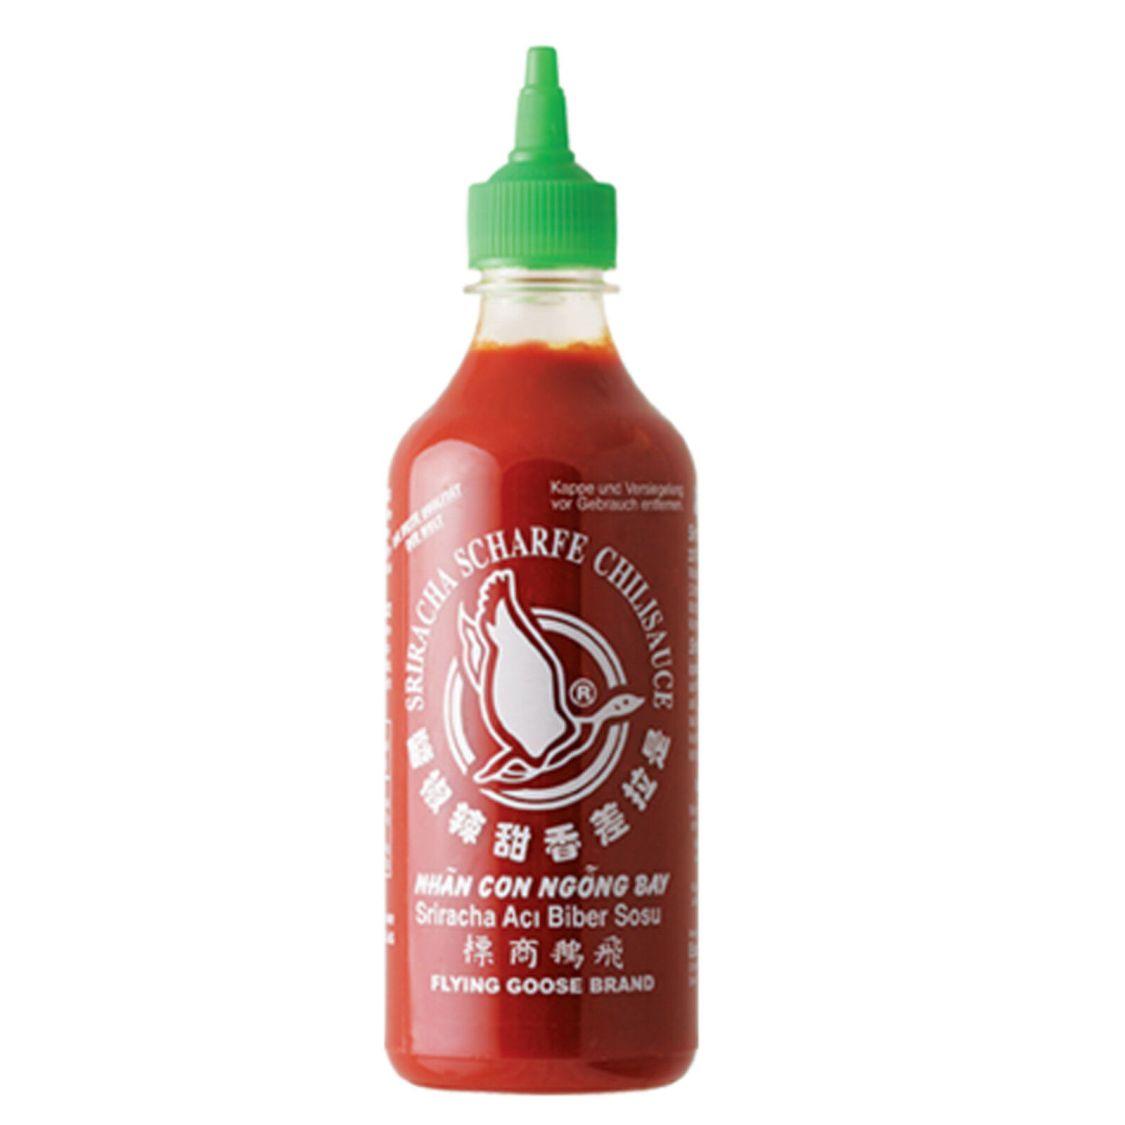 455ml scharfe Sriracha Chilisauce mit Knoblauch Flying Goose Brand 61% Chili